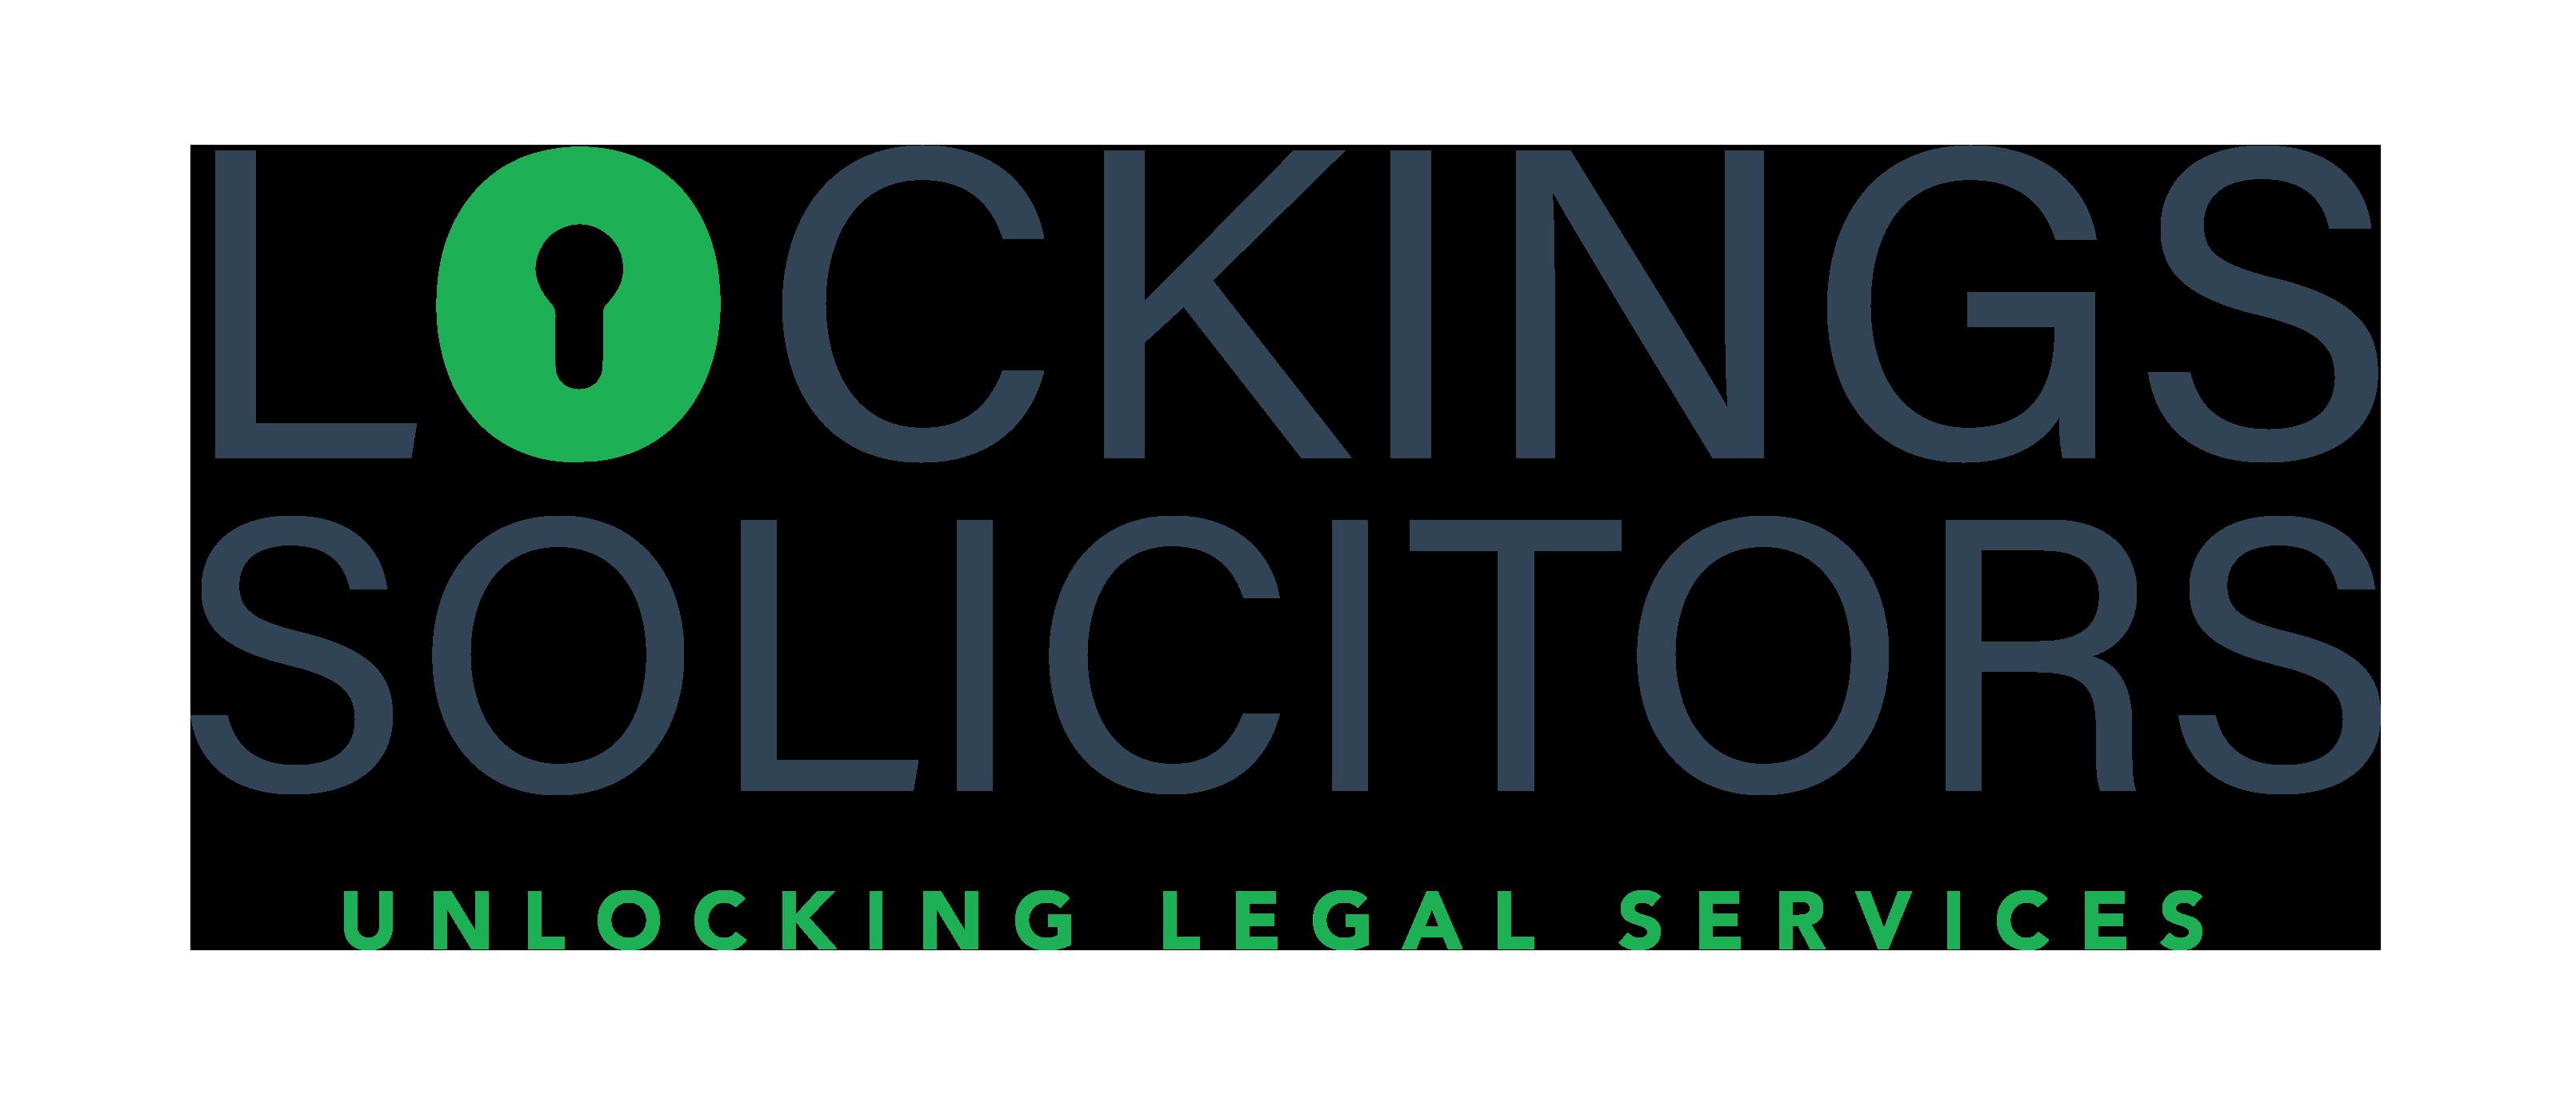 Lockings Solicitors